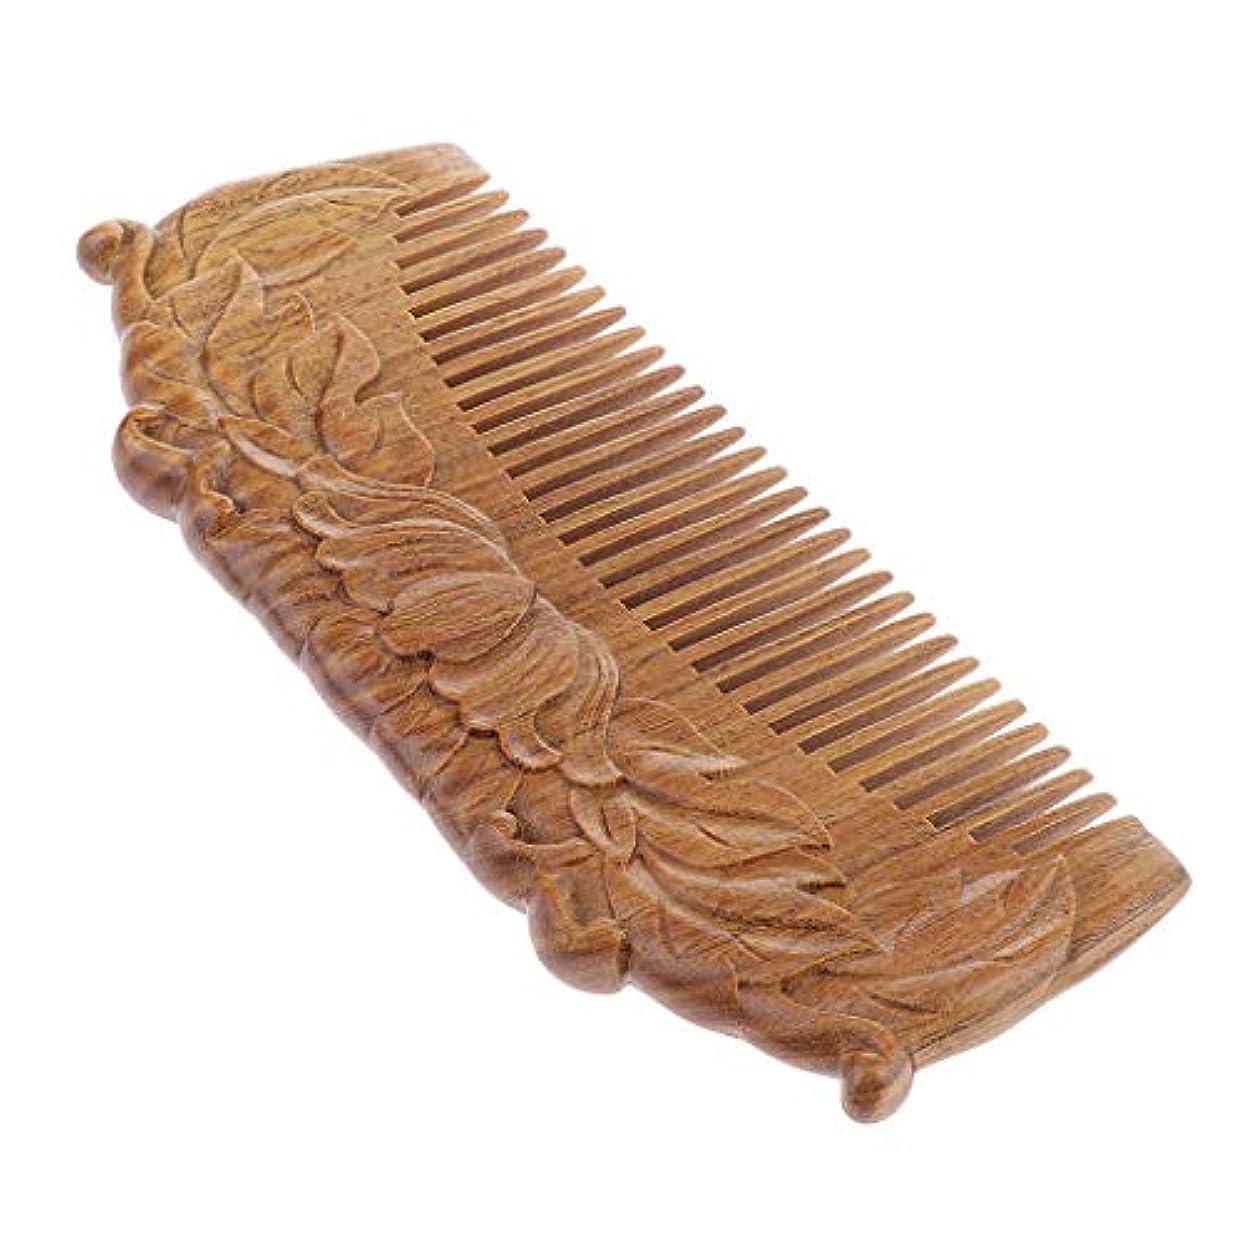 ご意見フェードアウト手荷物Toygogo ひげ、頭髪、口ひげの男性の女性のための刻まれたサンダルウッド木製くし帯電防止&暗礁なし手作りブラシ